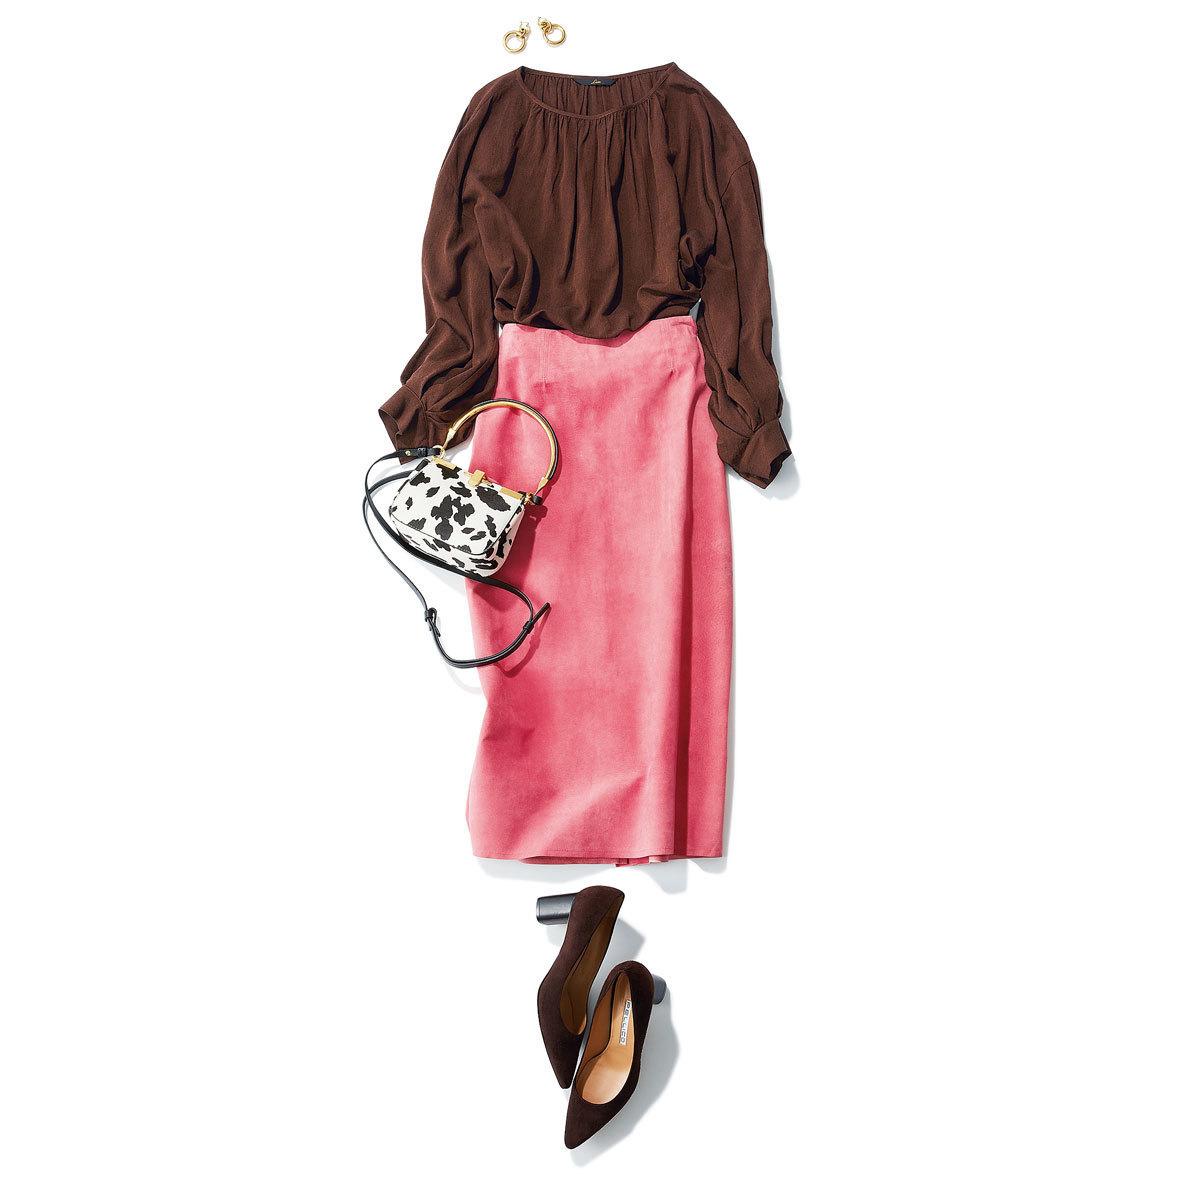 ブラウス×タイトスカートのブラウンコーデ